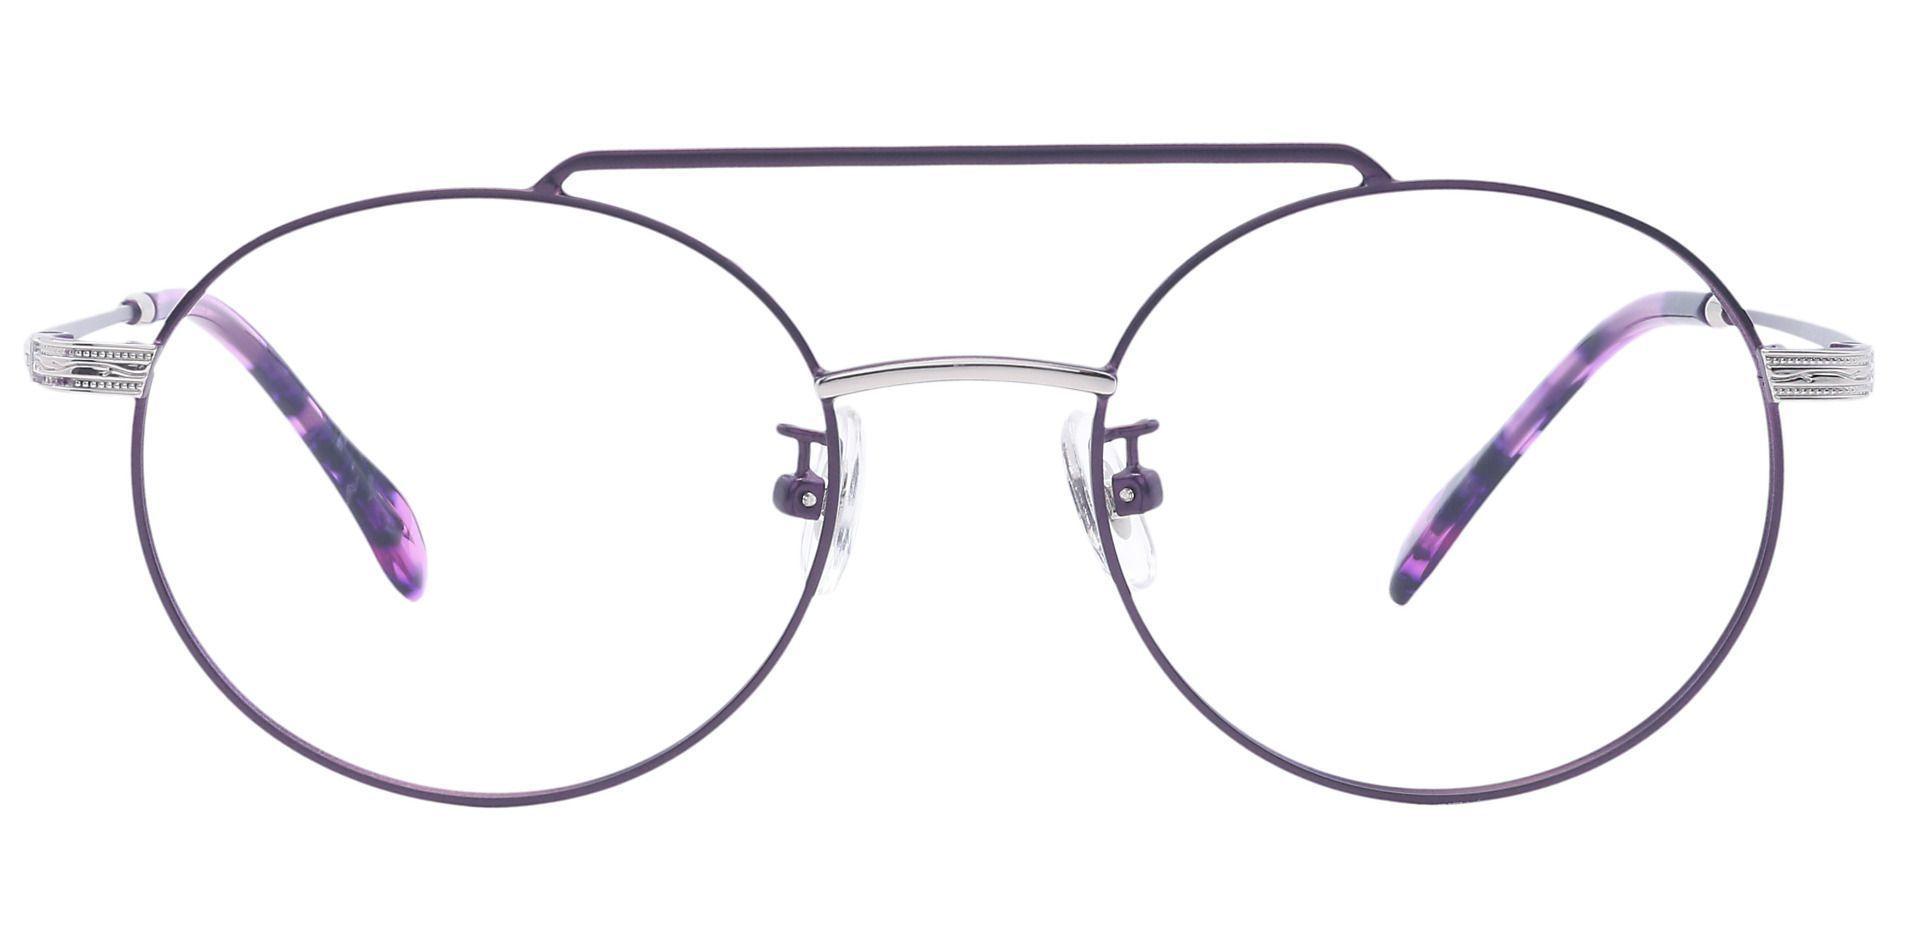 Julia Oval Prescription Glasses - Purple